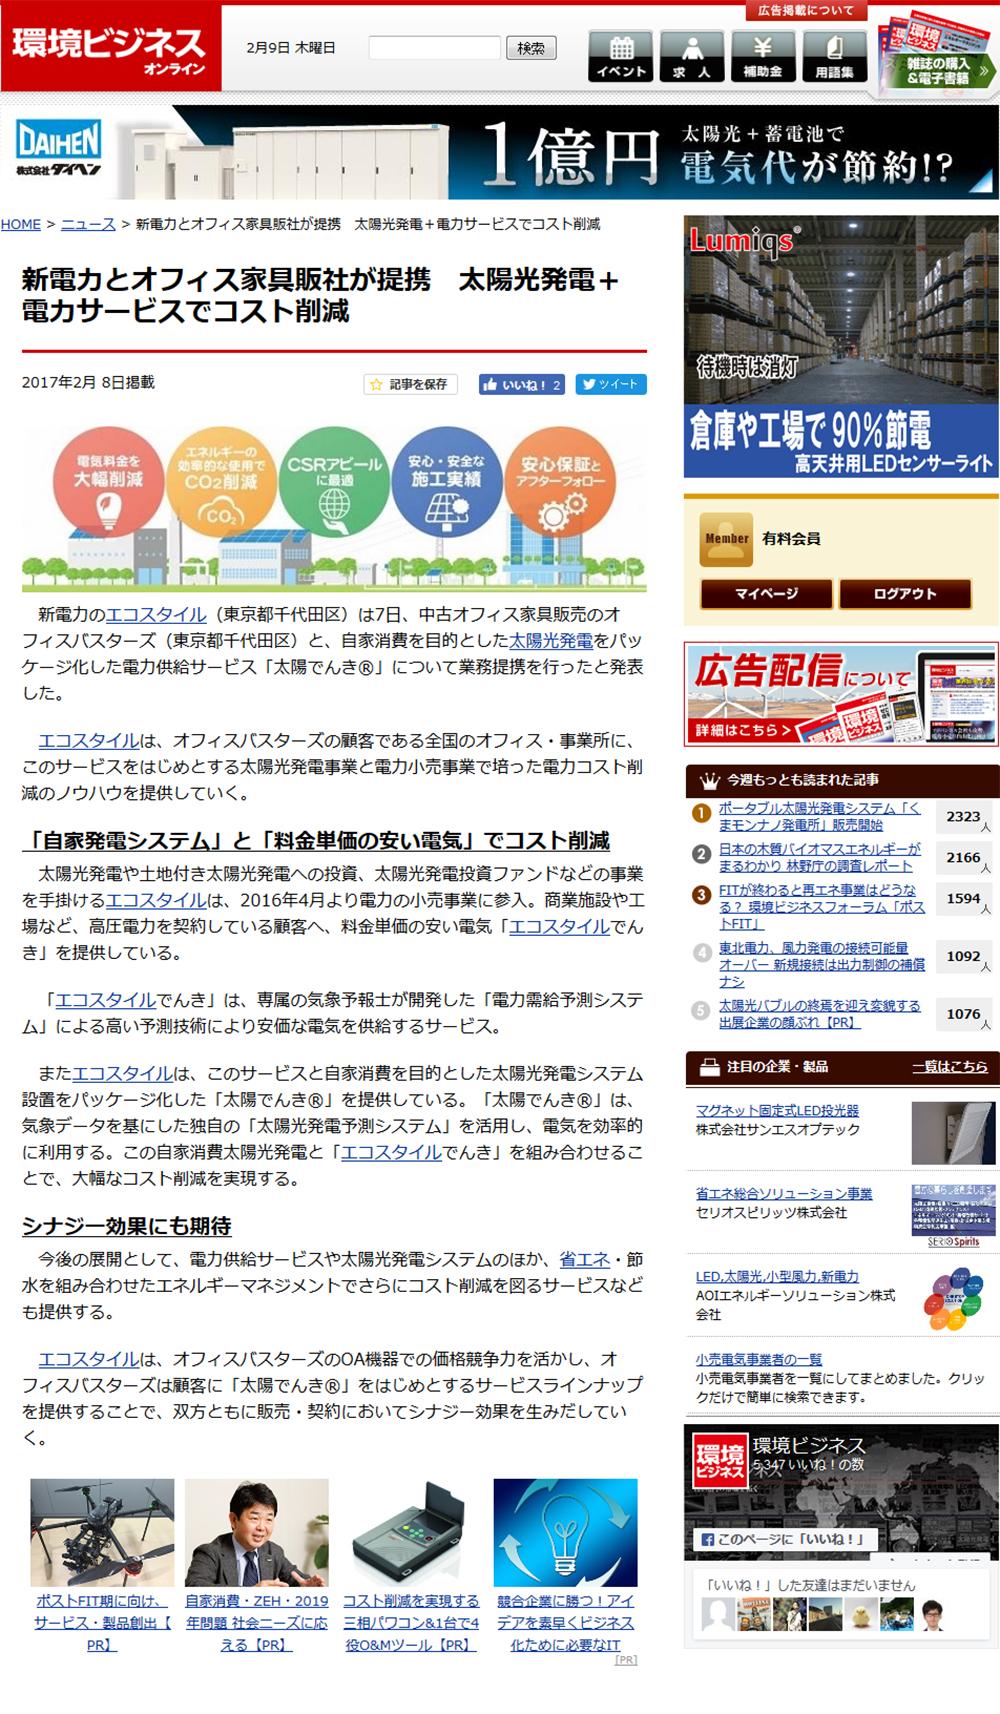 170208環境ビジネスオンライン